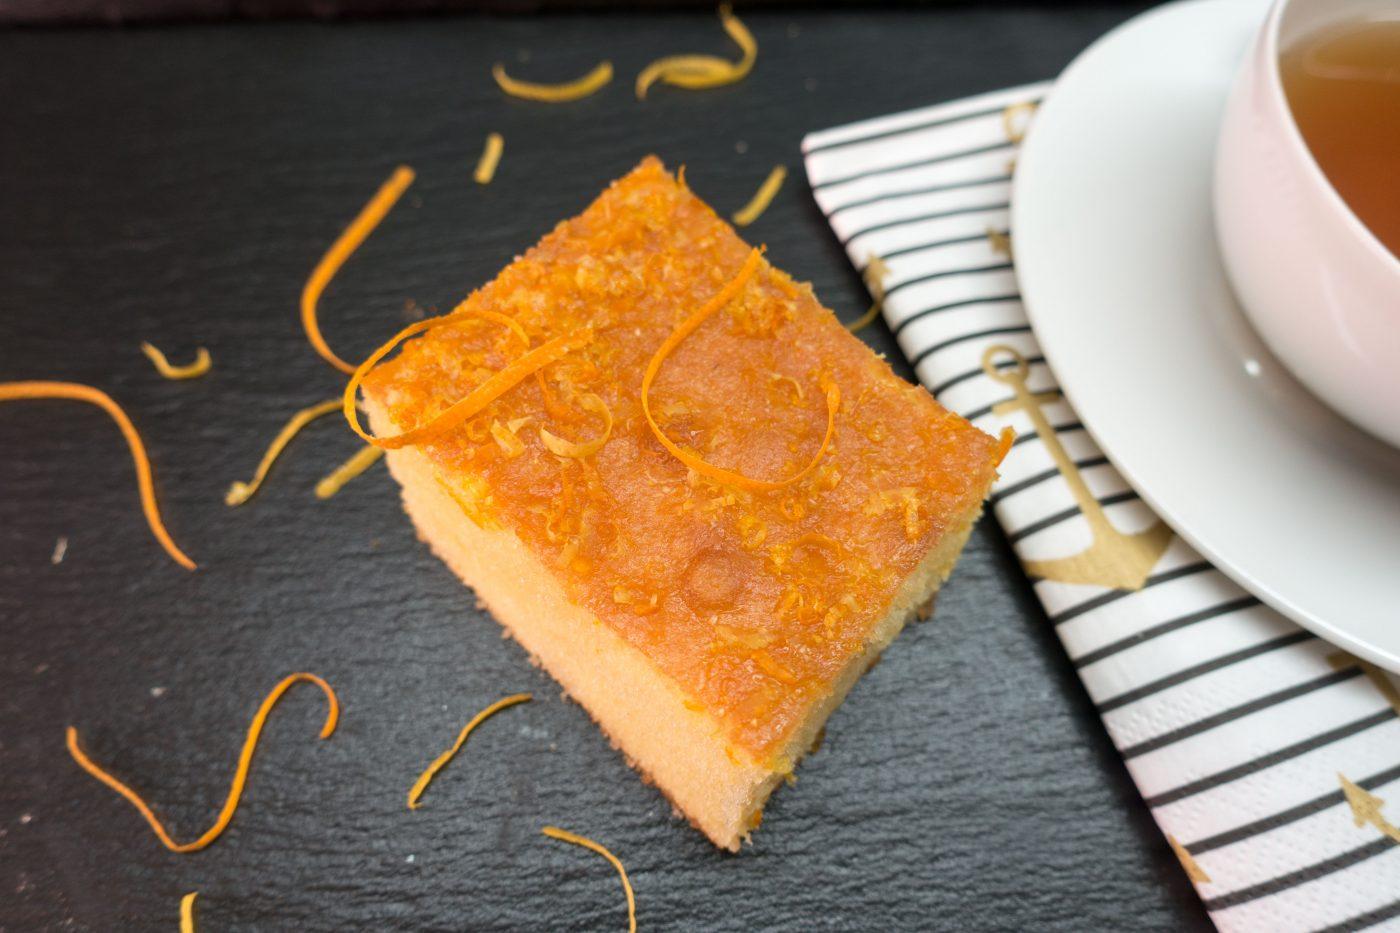 Zitronen-Orangen-Kuchen nach Martha Zwerg